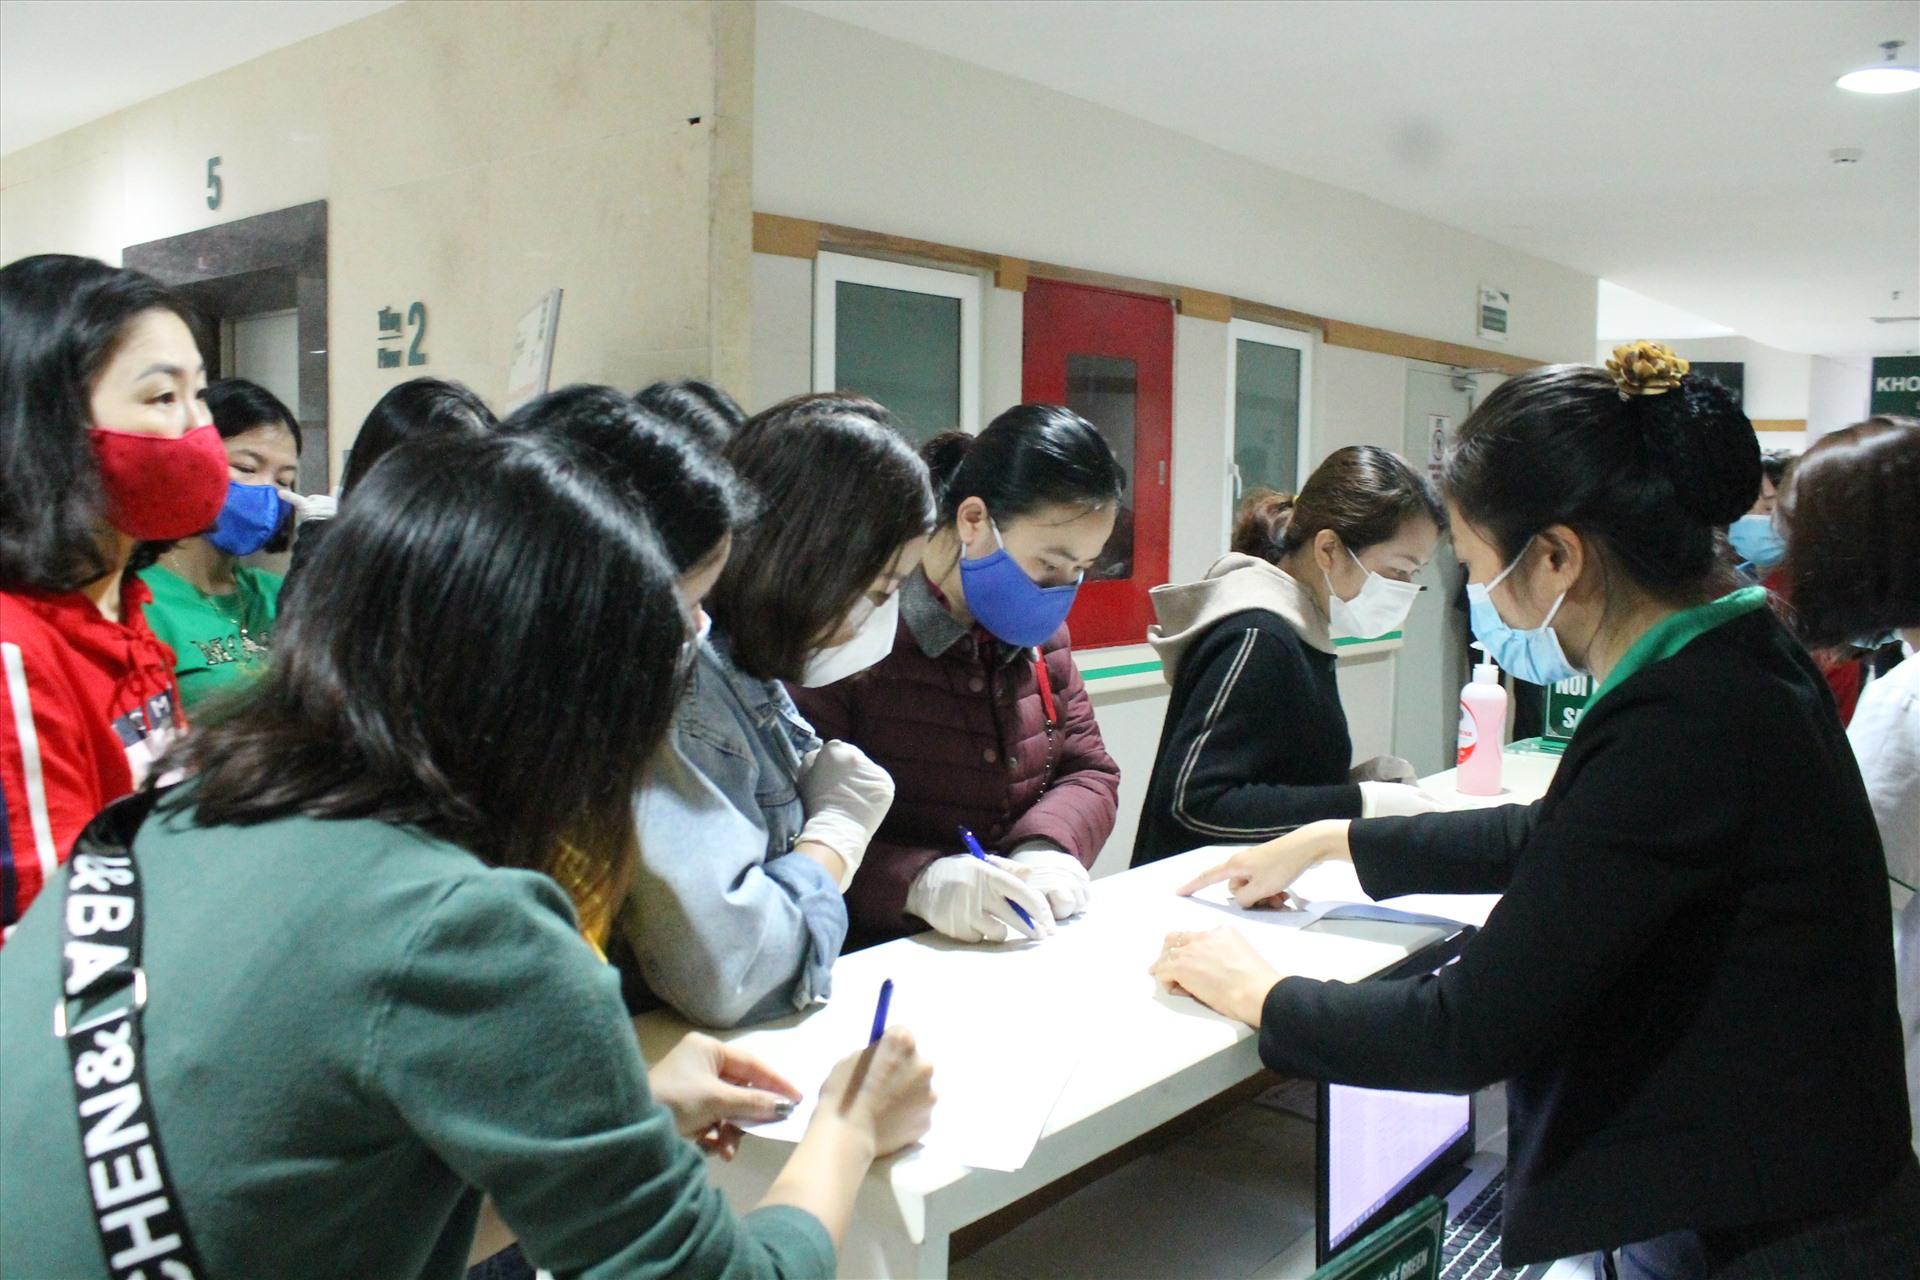 Người lao động đăng kí khám chuyên khoa sức khỏe sinh sản tại chương trình do Công đoàn Khu kinh tế Hải Phòng tổ chức. Ảnh Mai Dung